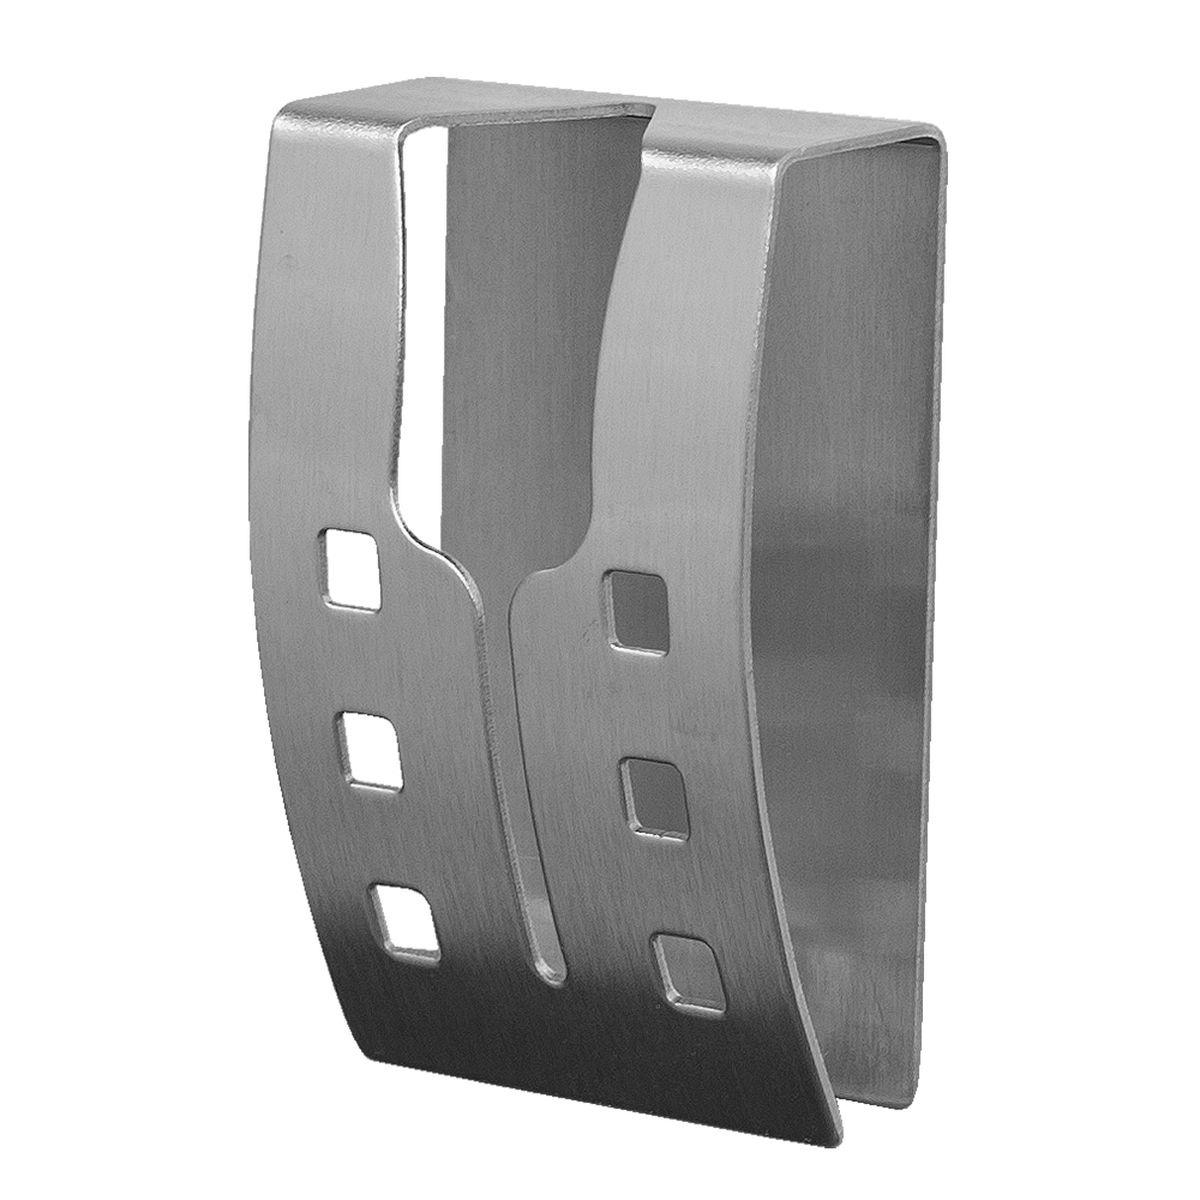 Вешалка самоклеящаяся Tatkraft Emma, для полотенец, 5 х 7,5 х 2 см11861Хромированная самоклеящаяся вешалка для полотенец Tatkraft Emma, изготовлена из нержавеющей стали. Вешалка с современным дизайном не боится влаги, и очень легко крепится к стене. Чтобы зафиксировать вешалку, не нужно сверлить дырки, достаточно снять защитный слой и прочно прижать вешалку к стене. Крепкая, оригинальная вешалка выдерживает вес до 5 кг.Размер вешалки: 5 см х 7,5 см х 2 см.Максимальная нагрузка: 5 кг.